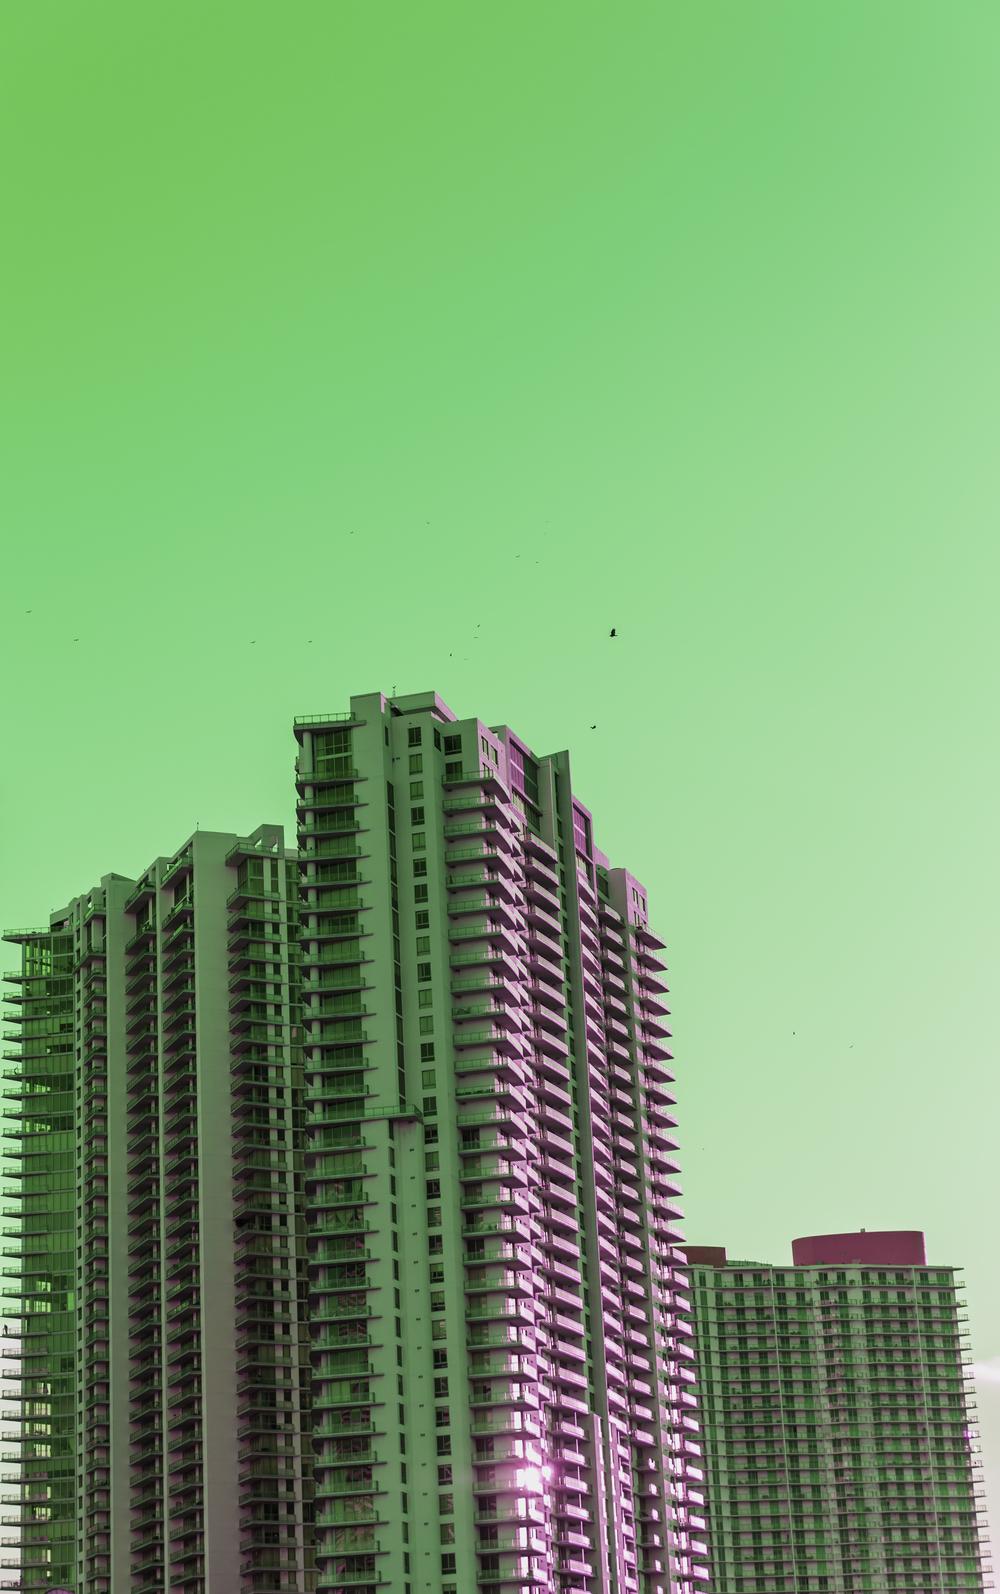 Green_machine.jpg